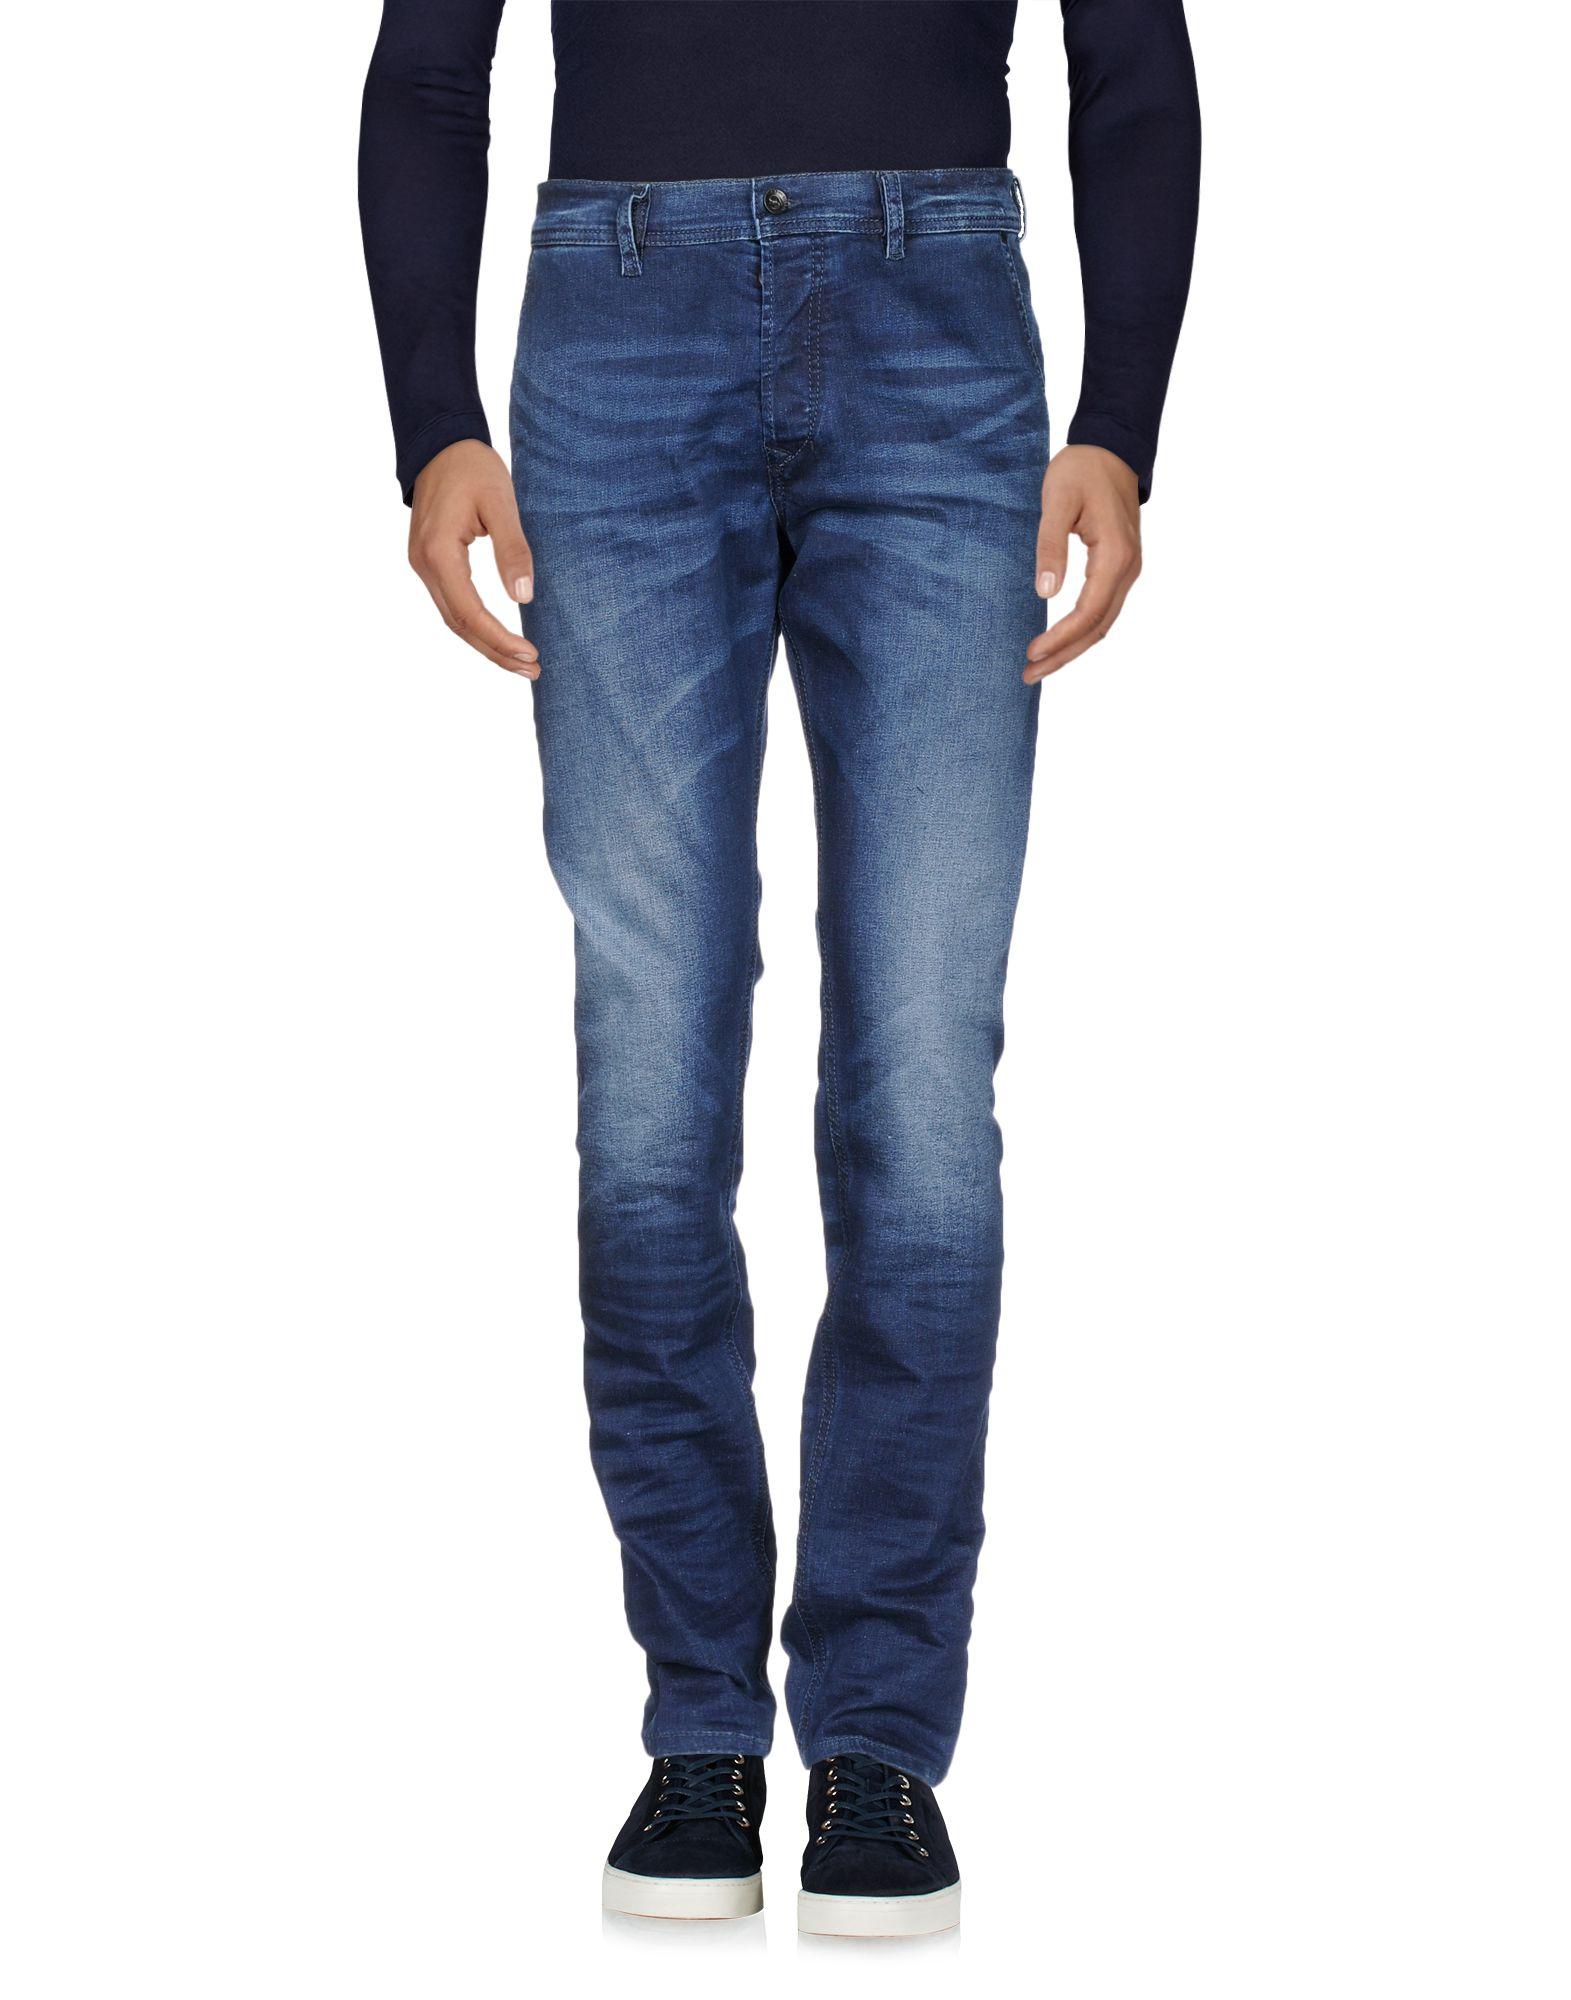 Pantaloni Jeans Diesel Uomo Uomo Diesel - 42671715US 307516